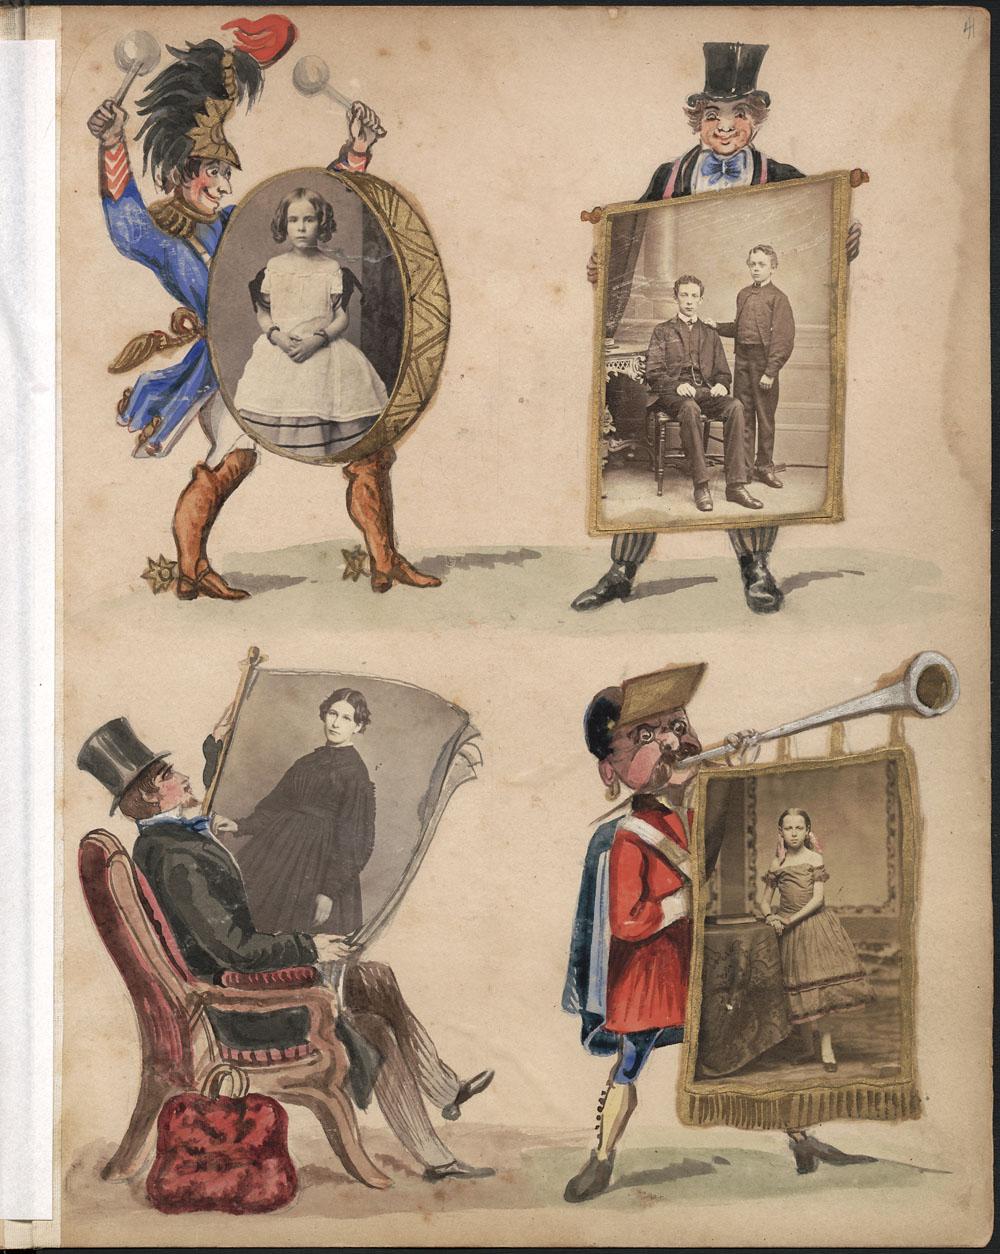 Page d'album montrant quatre illustrations en couleurs : un homme jouant du tambour, un homme tenant une affiche, un homme assis lisant un journal et un homme sonnant un cor auquel est attachée une bannière. Des photos en noir et blanc sont collées dans le tambour, l'affiche, le journal et la bannière.